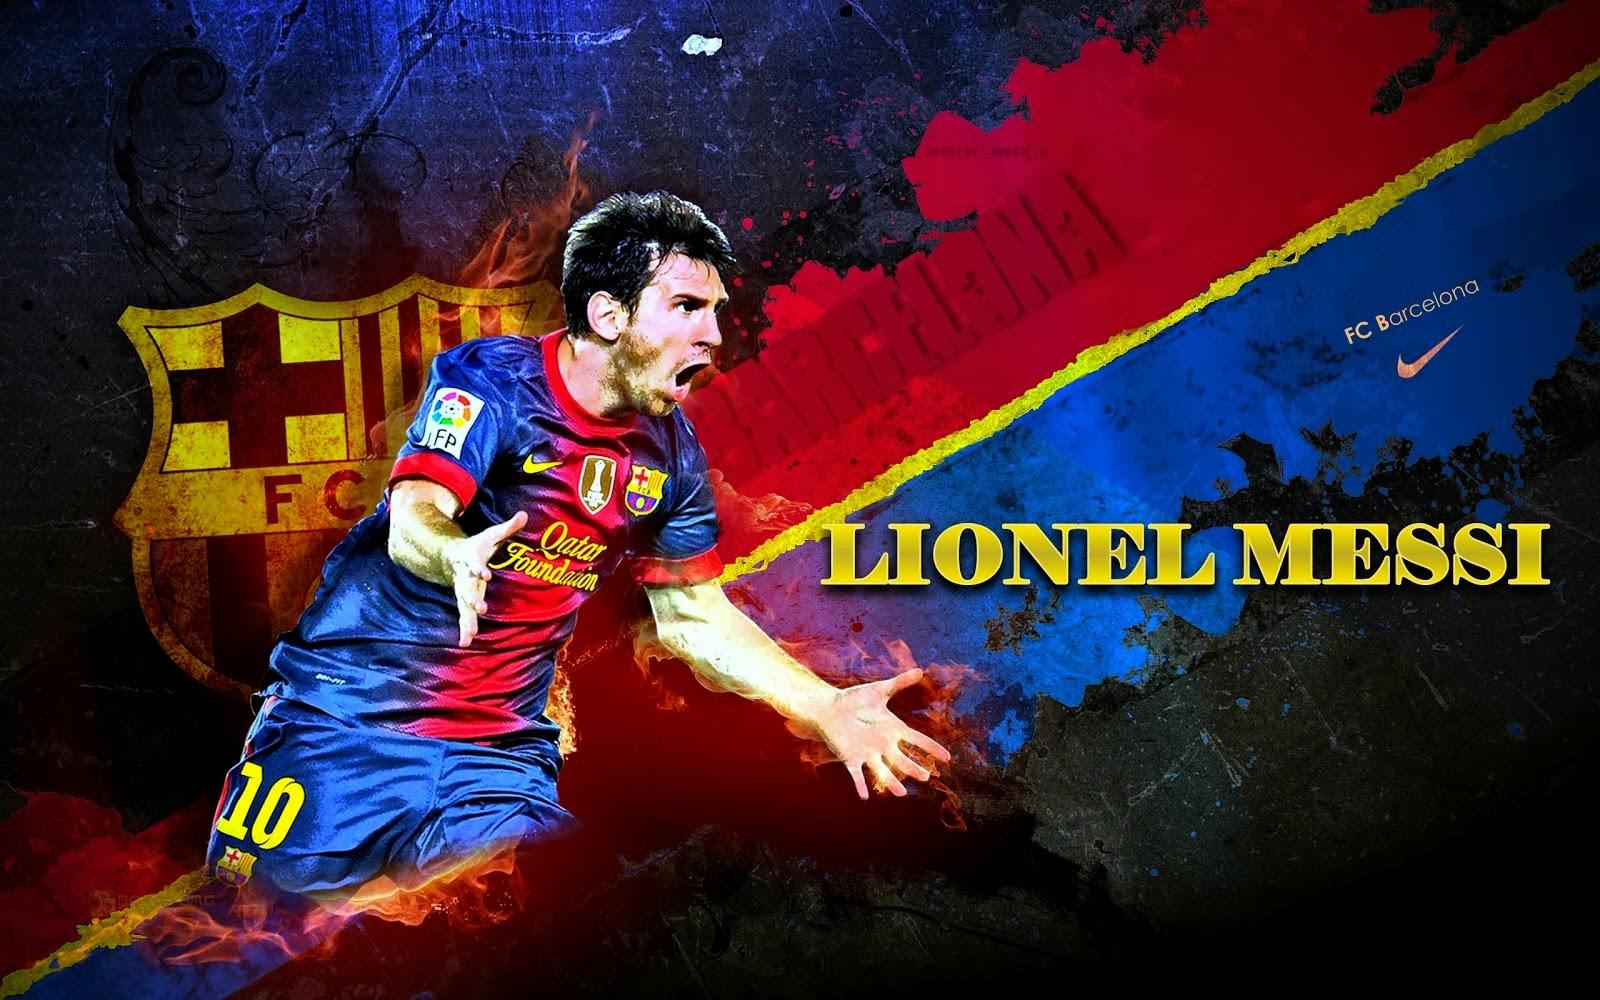 Lionel Messi 1600x1000